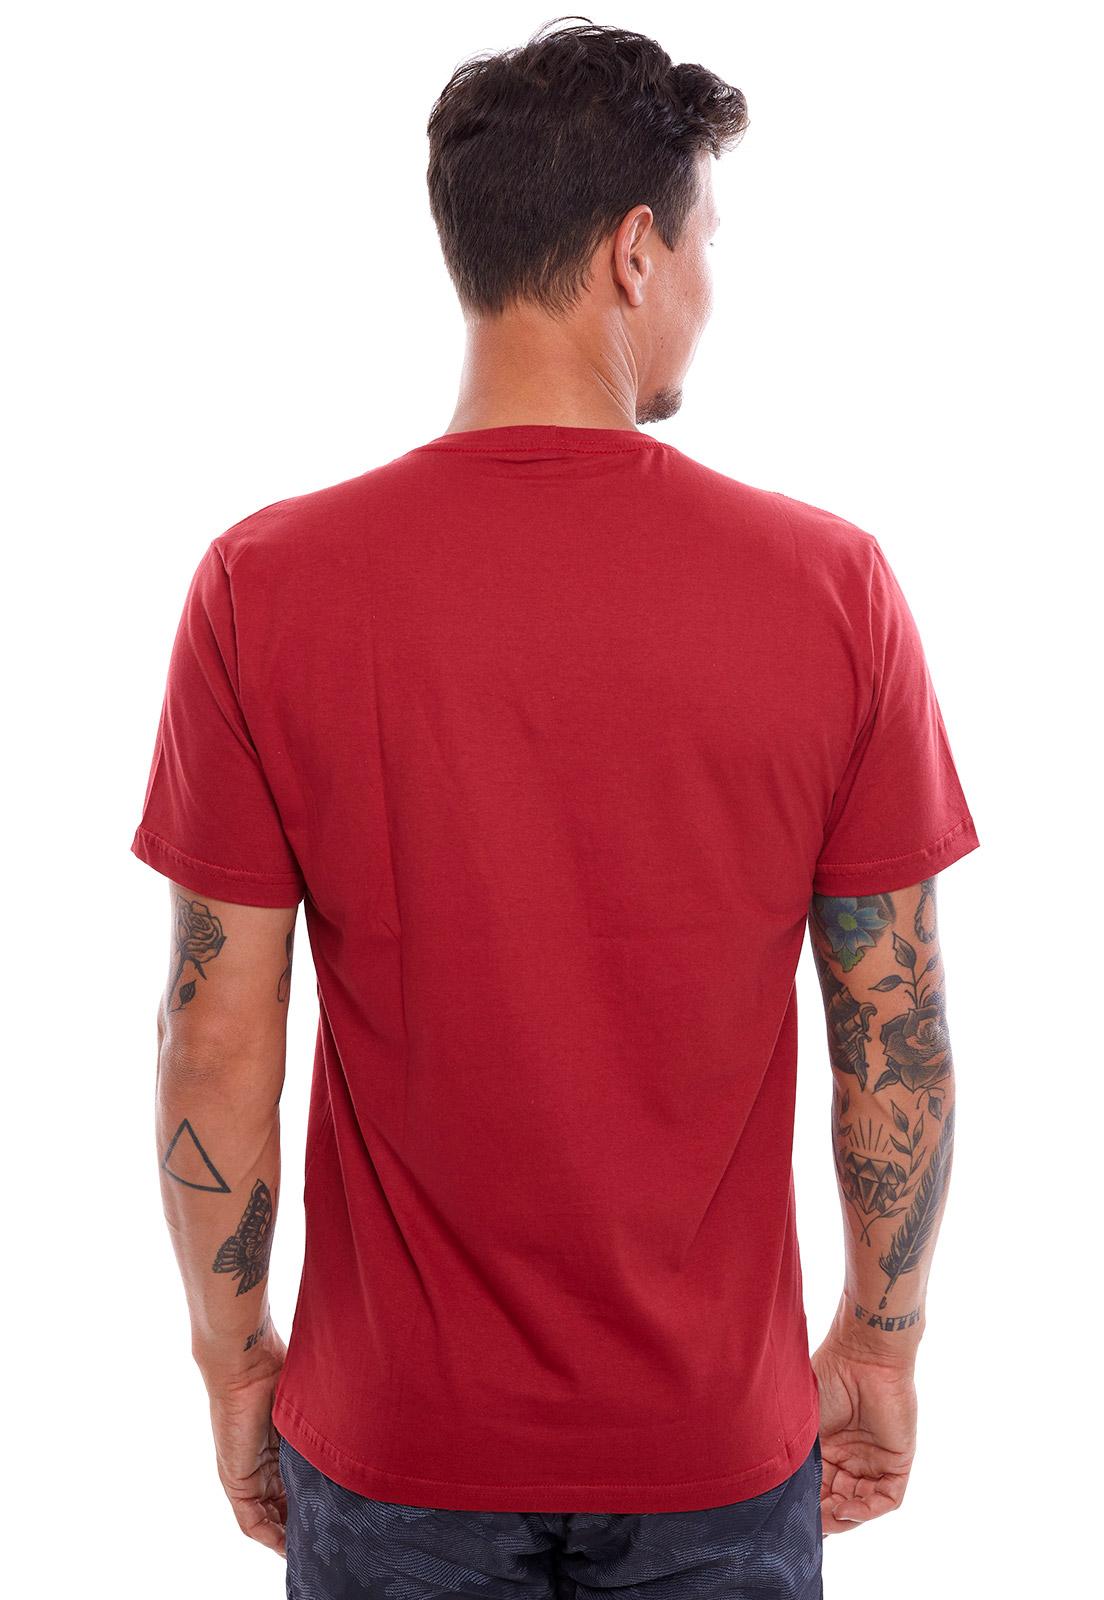 Camiseta Vida Marinha Manga Curta Vermelha